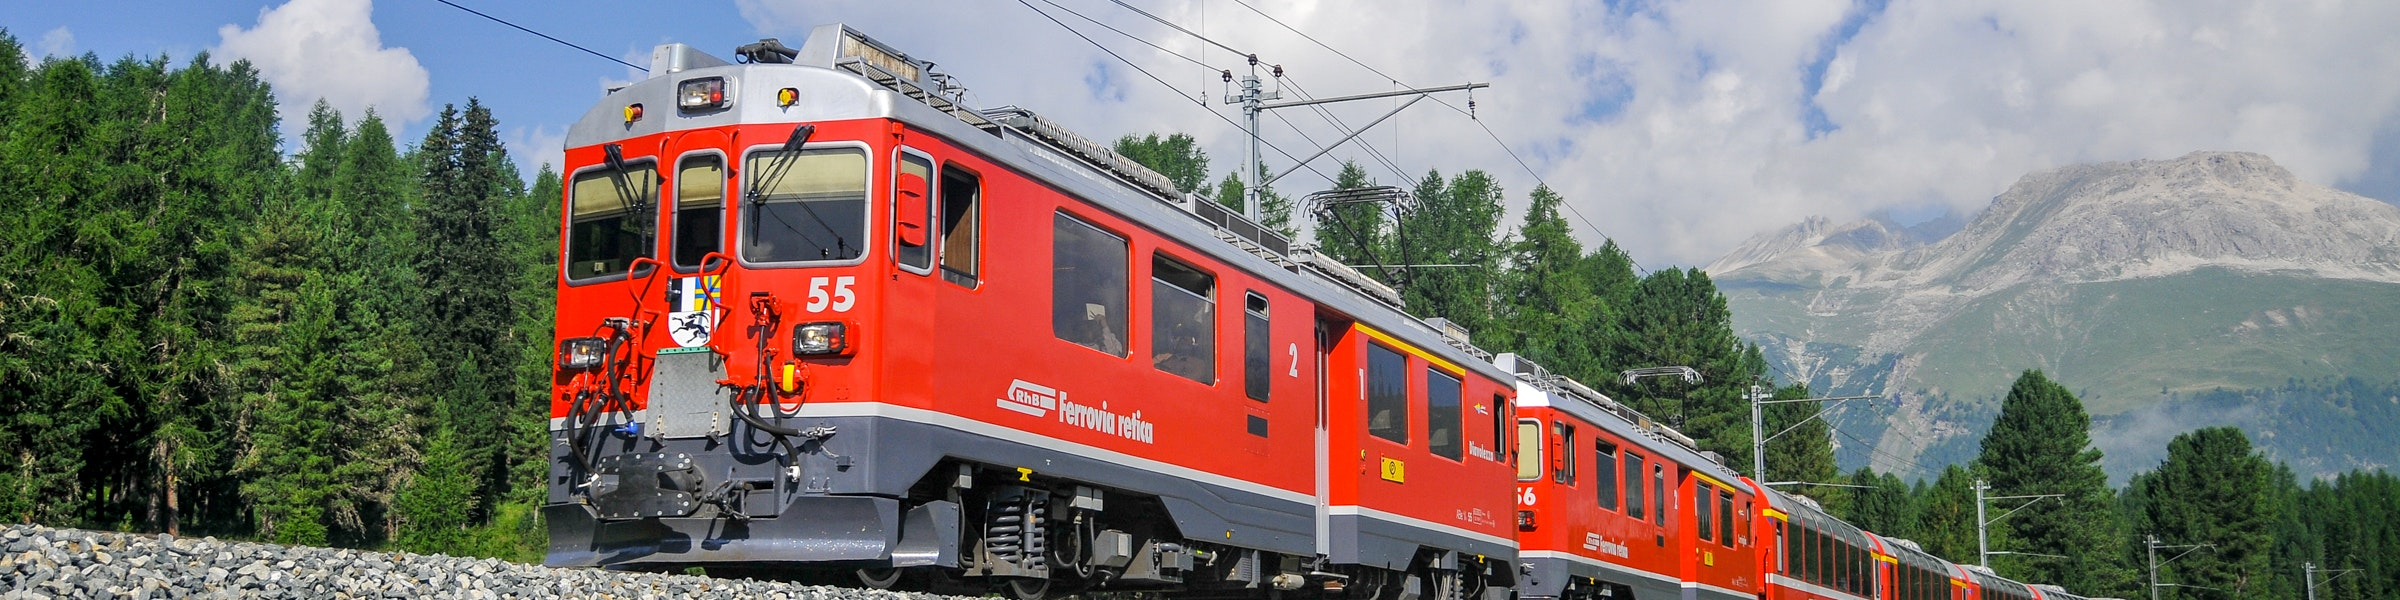 Bernina Express near Pontresina